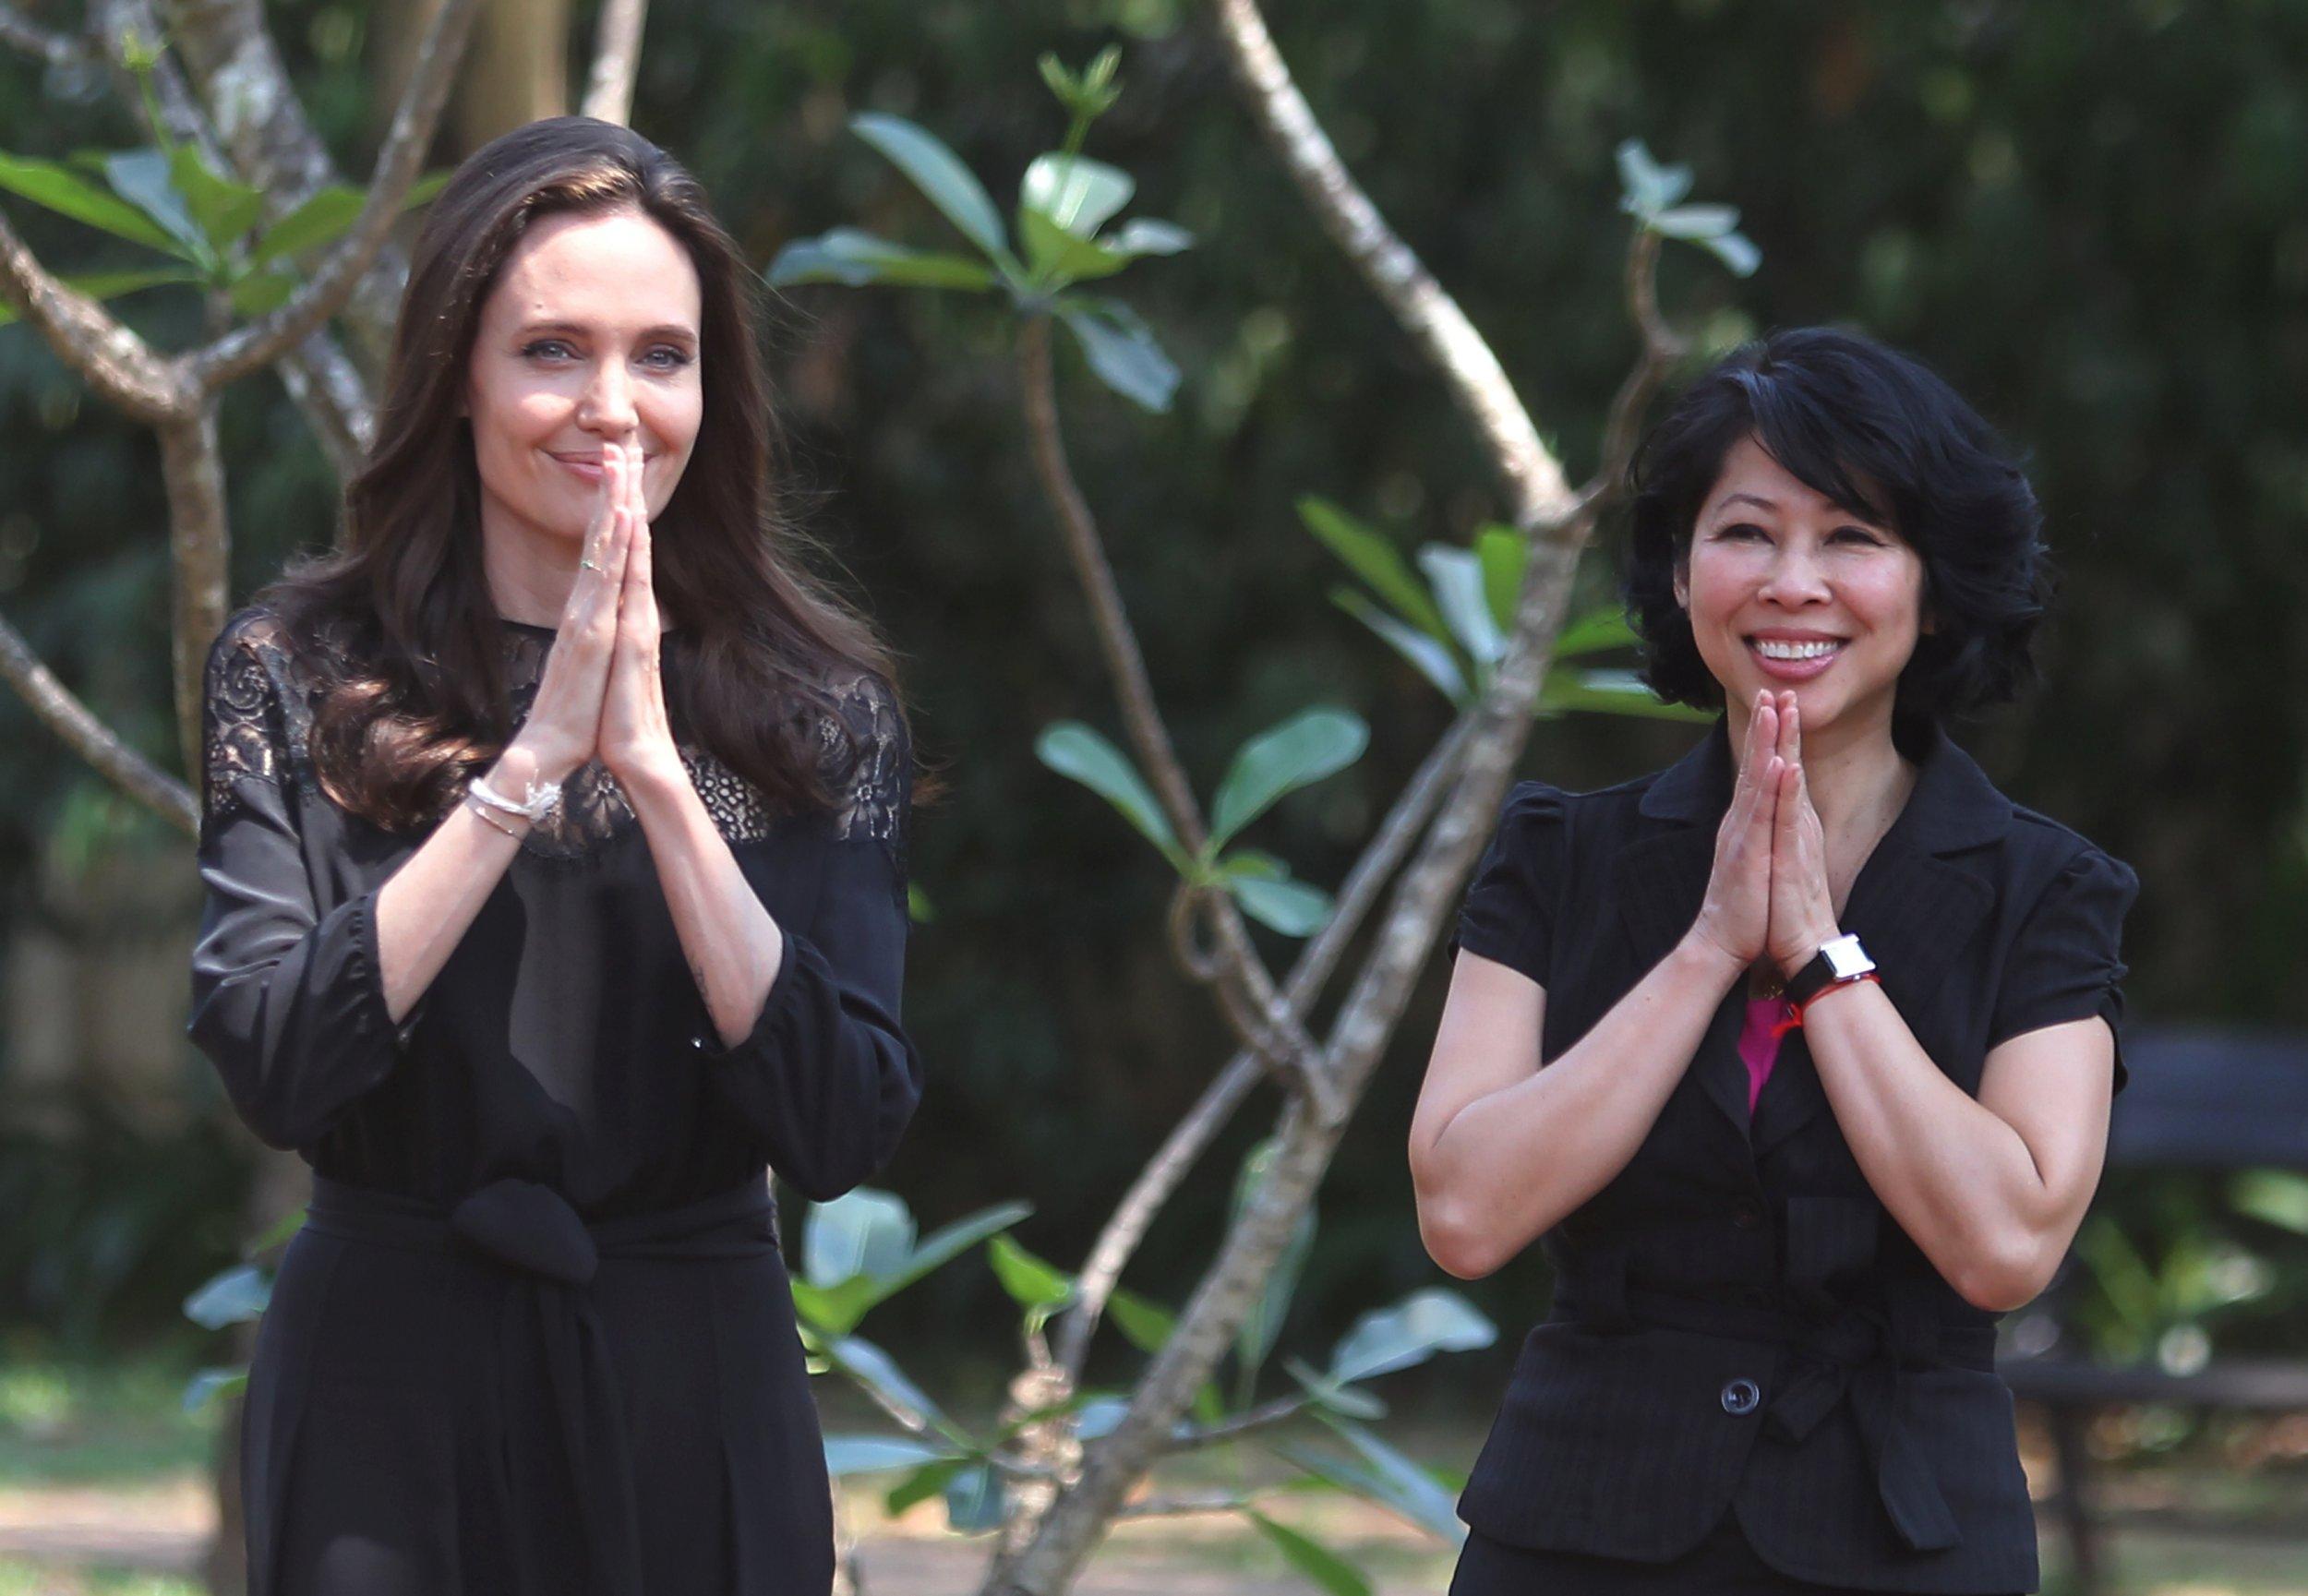 они джоли в камбодже фото с детьми удовольствием будем поддерживать